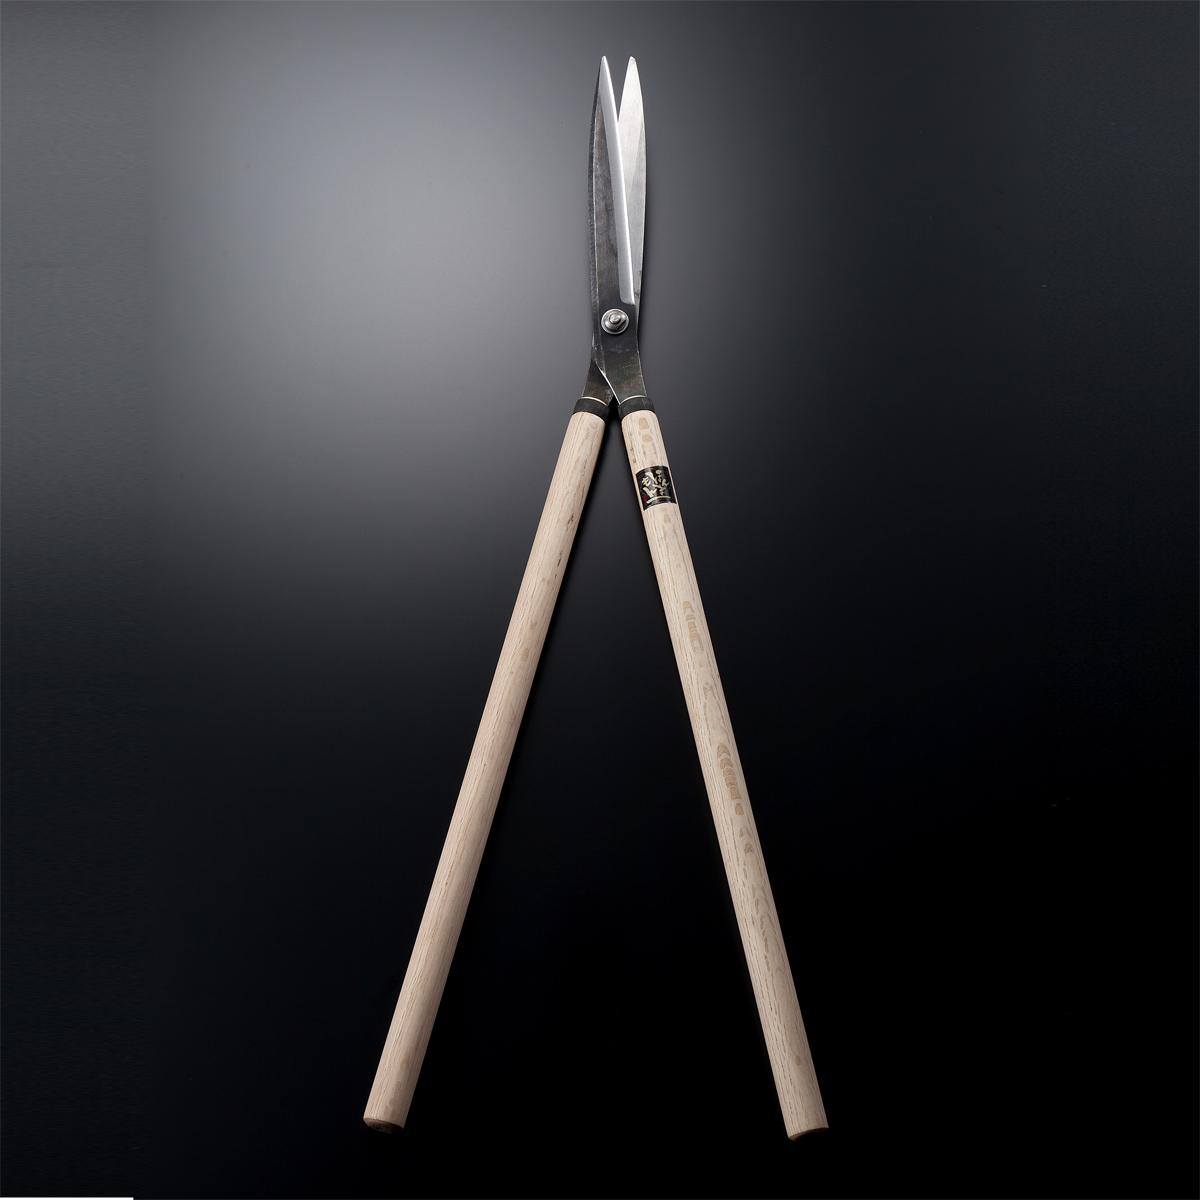 特上刈込鋏 止型 240mm 庭師 プロ向け (手造り刈込みばさみ 刈り込みばさみ)